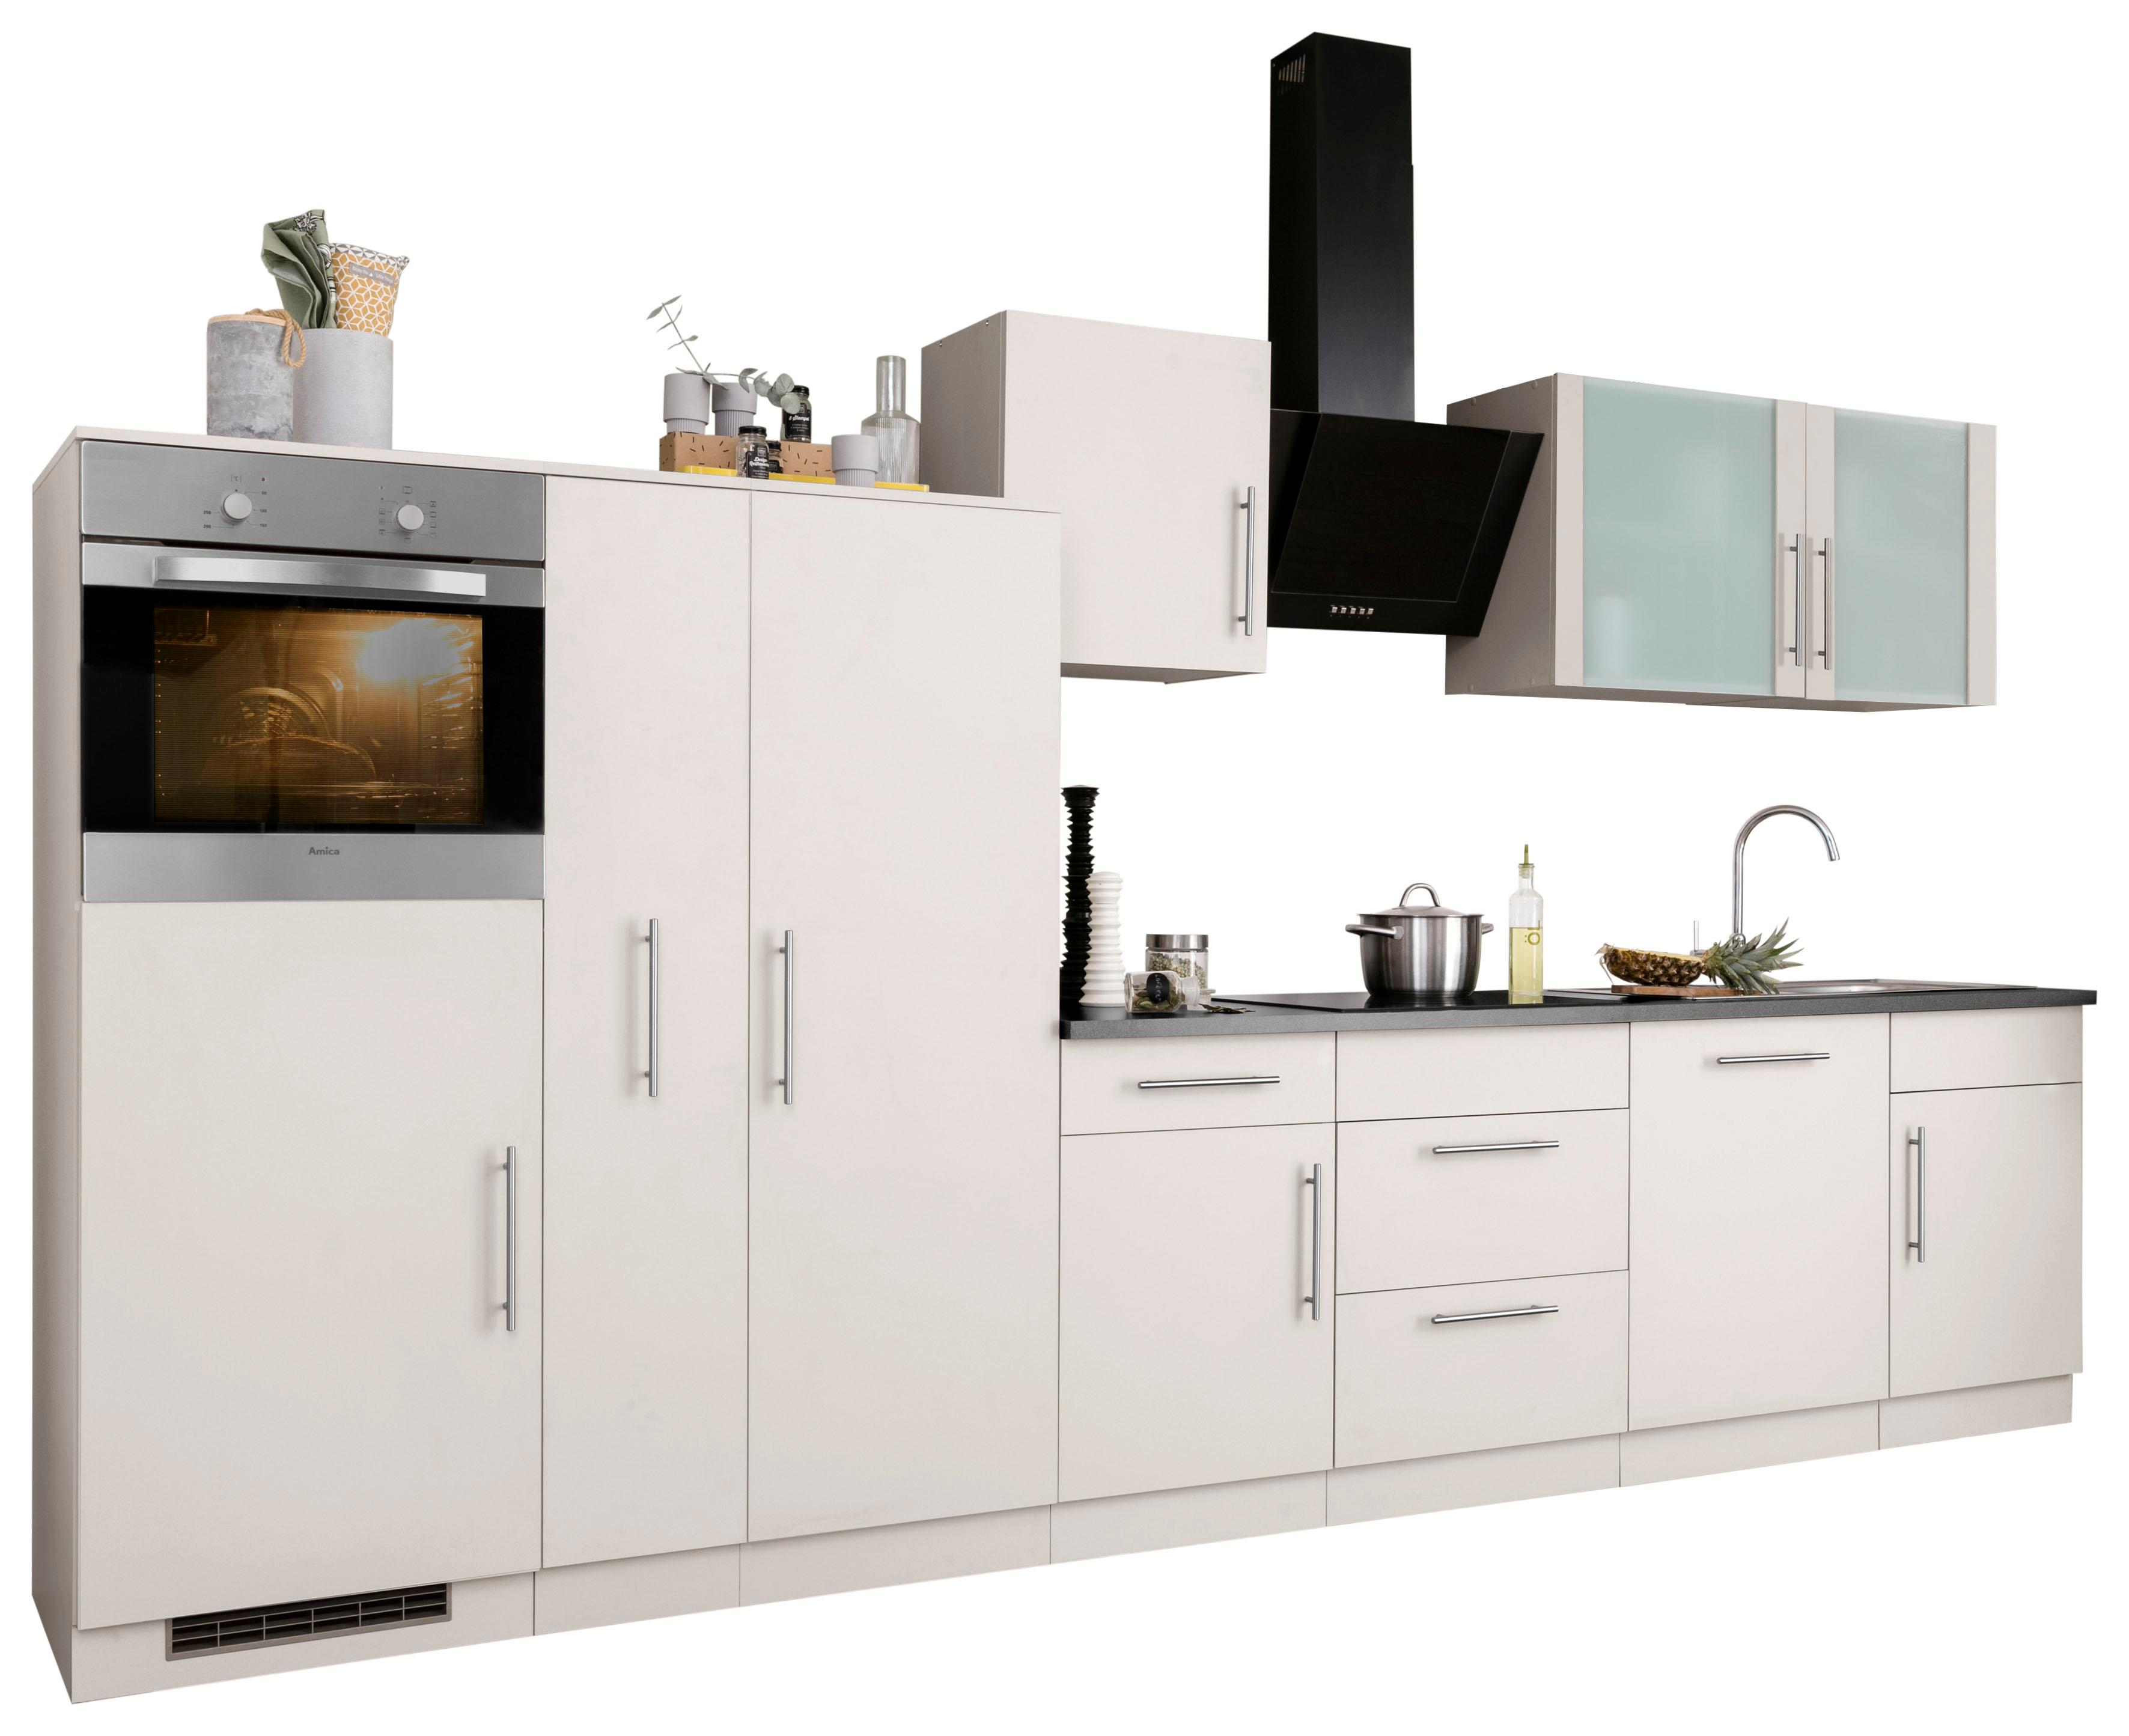 aya 4 preise vergleichen und g nstig einkaufen bei der. Black Bedroom Furniture Sets. Home Design Ideas